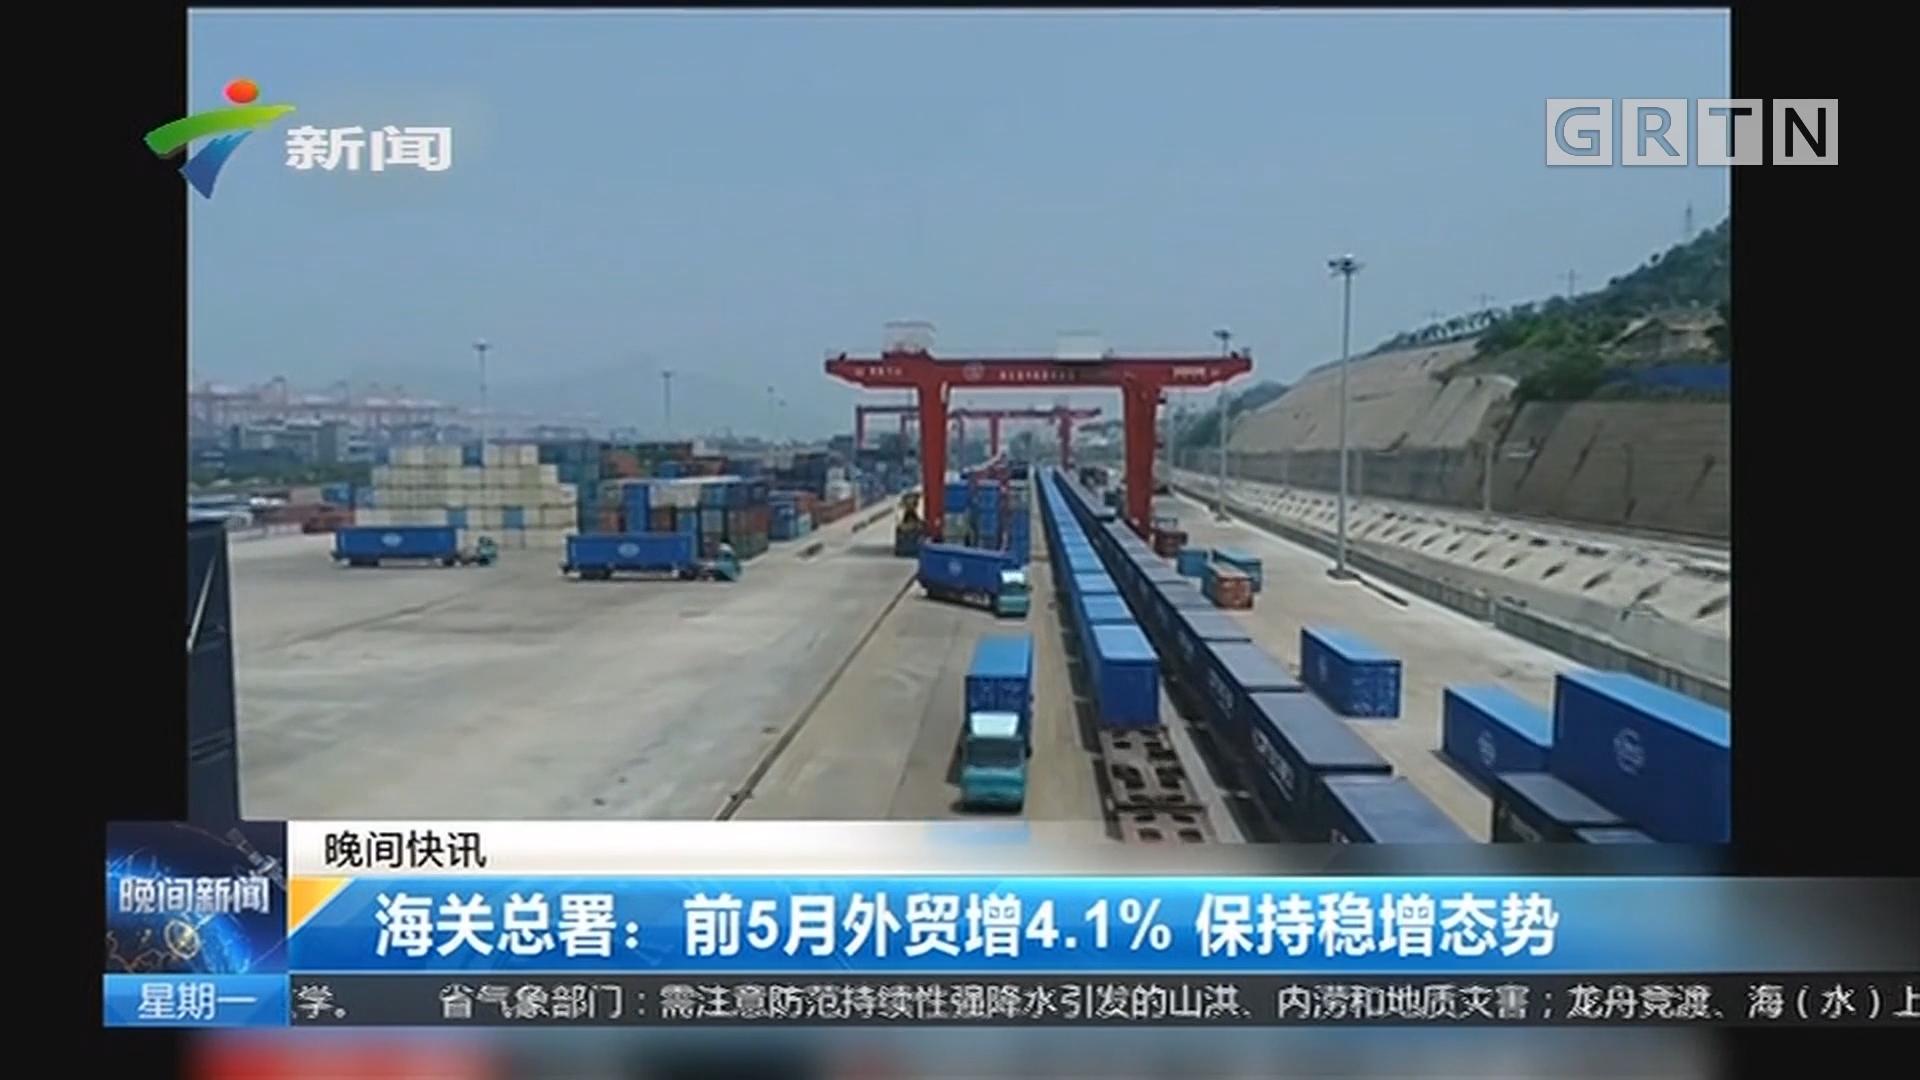 海关总署:前5月外贸增4.1% 保持稳增态势